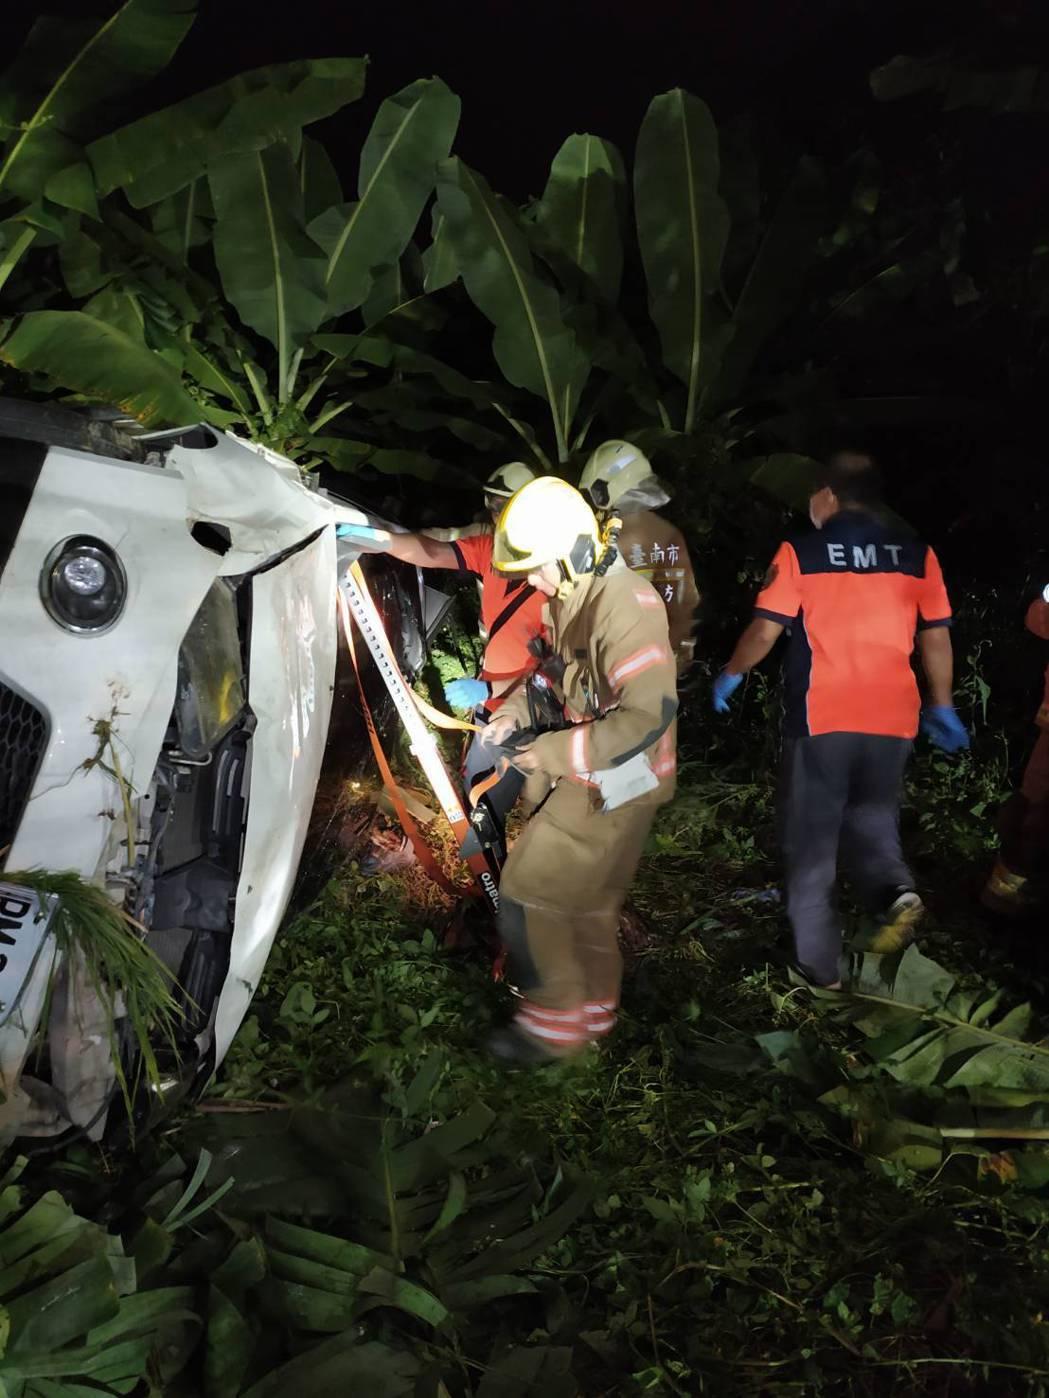 檢方會同法醫相驗,發現死者身上有嚴重壓痕,佐以事故現場死者是被壓在翻覆的車輛下,...